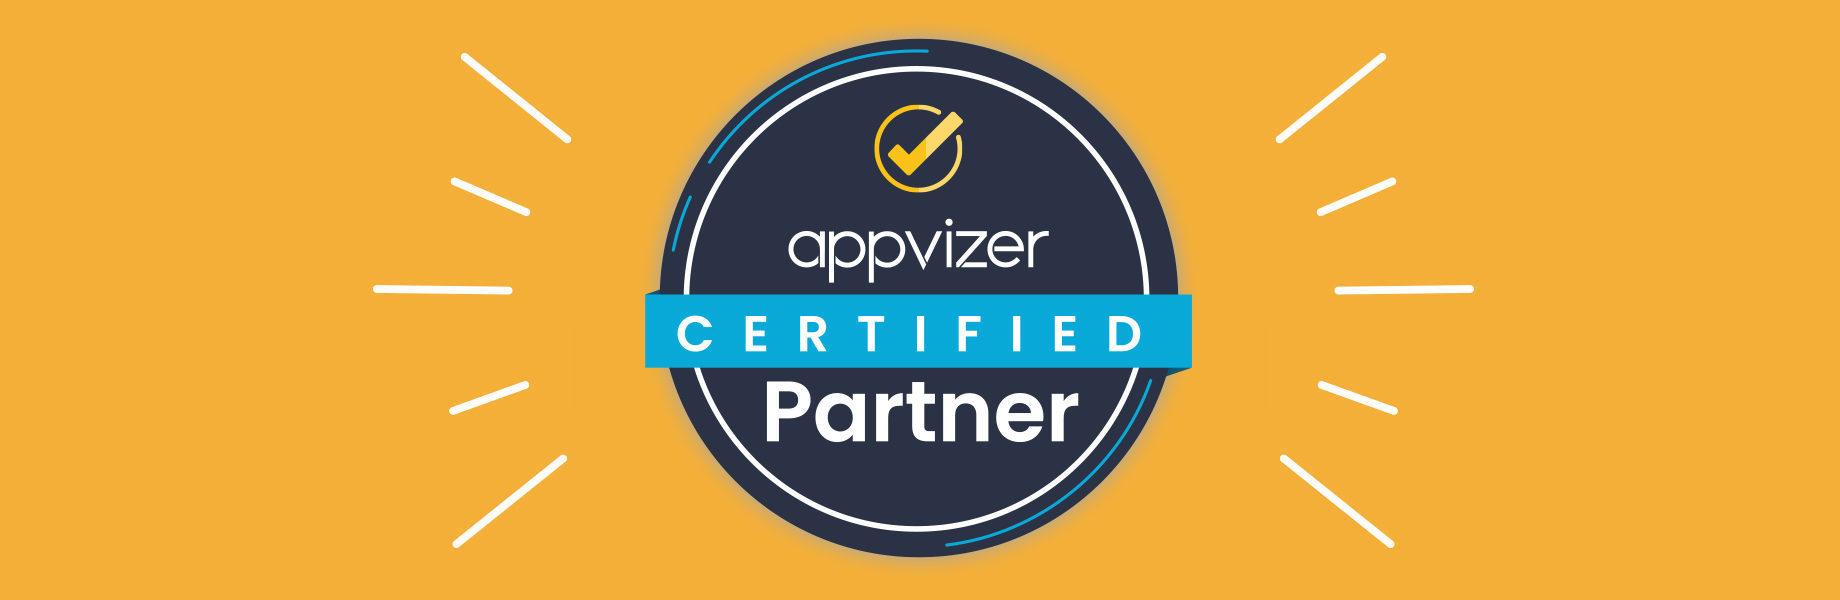 Warum wird ein appvizer Certified Partner Badge einer Software zugewiesen?